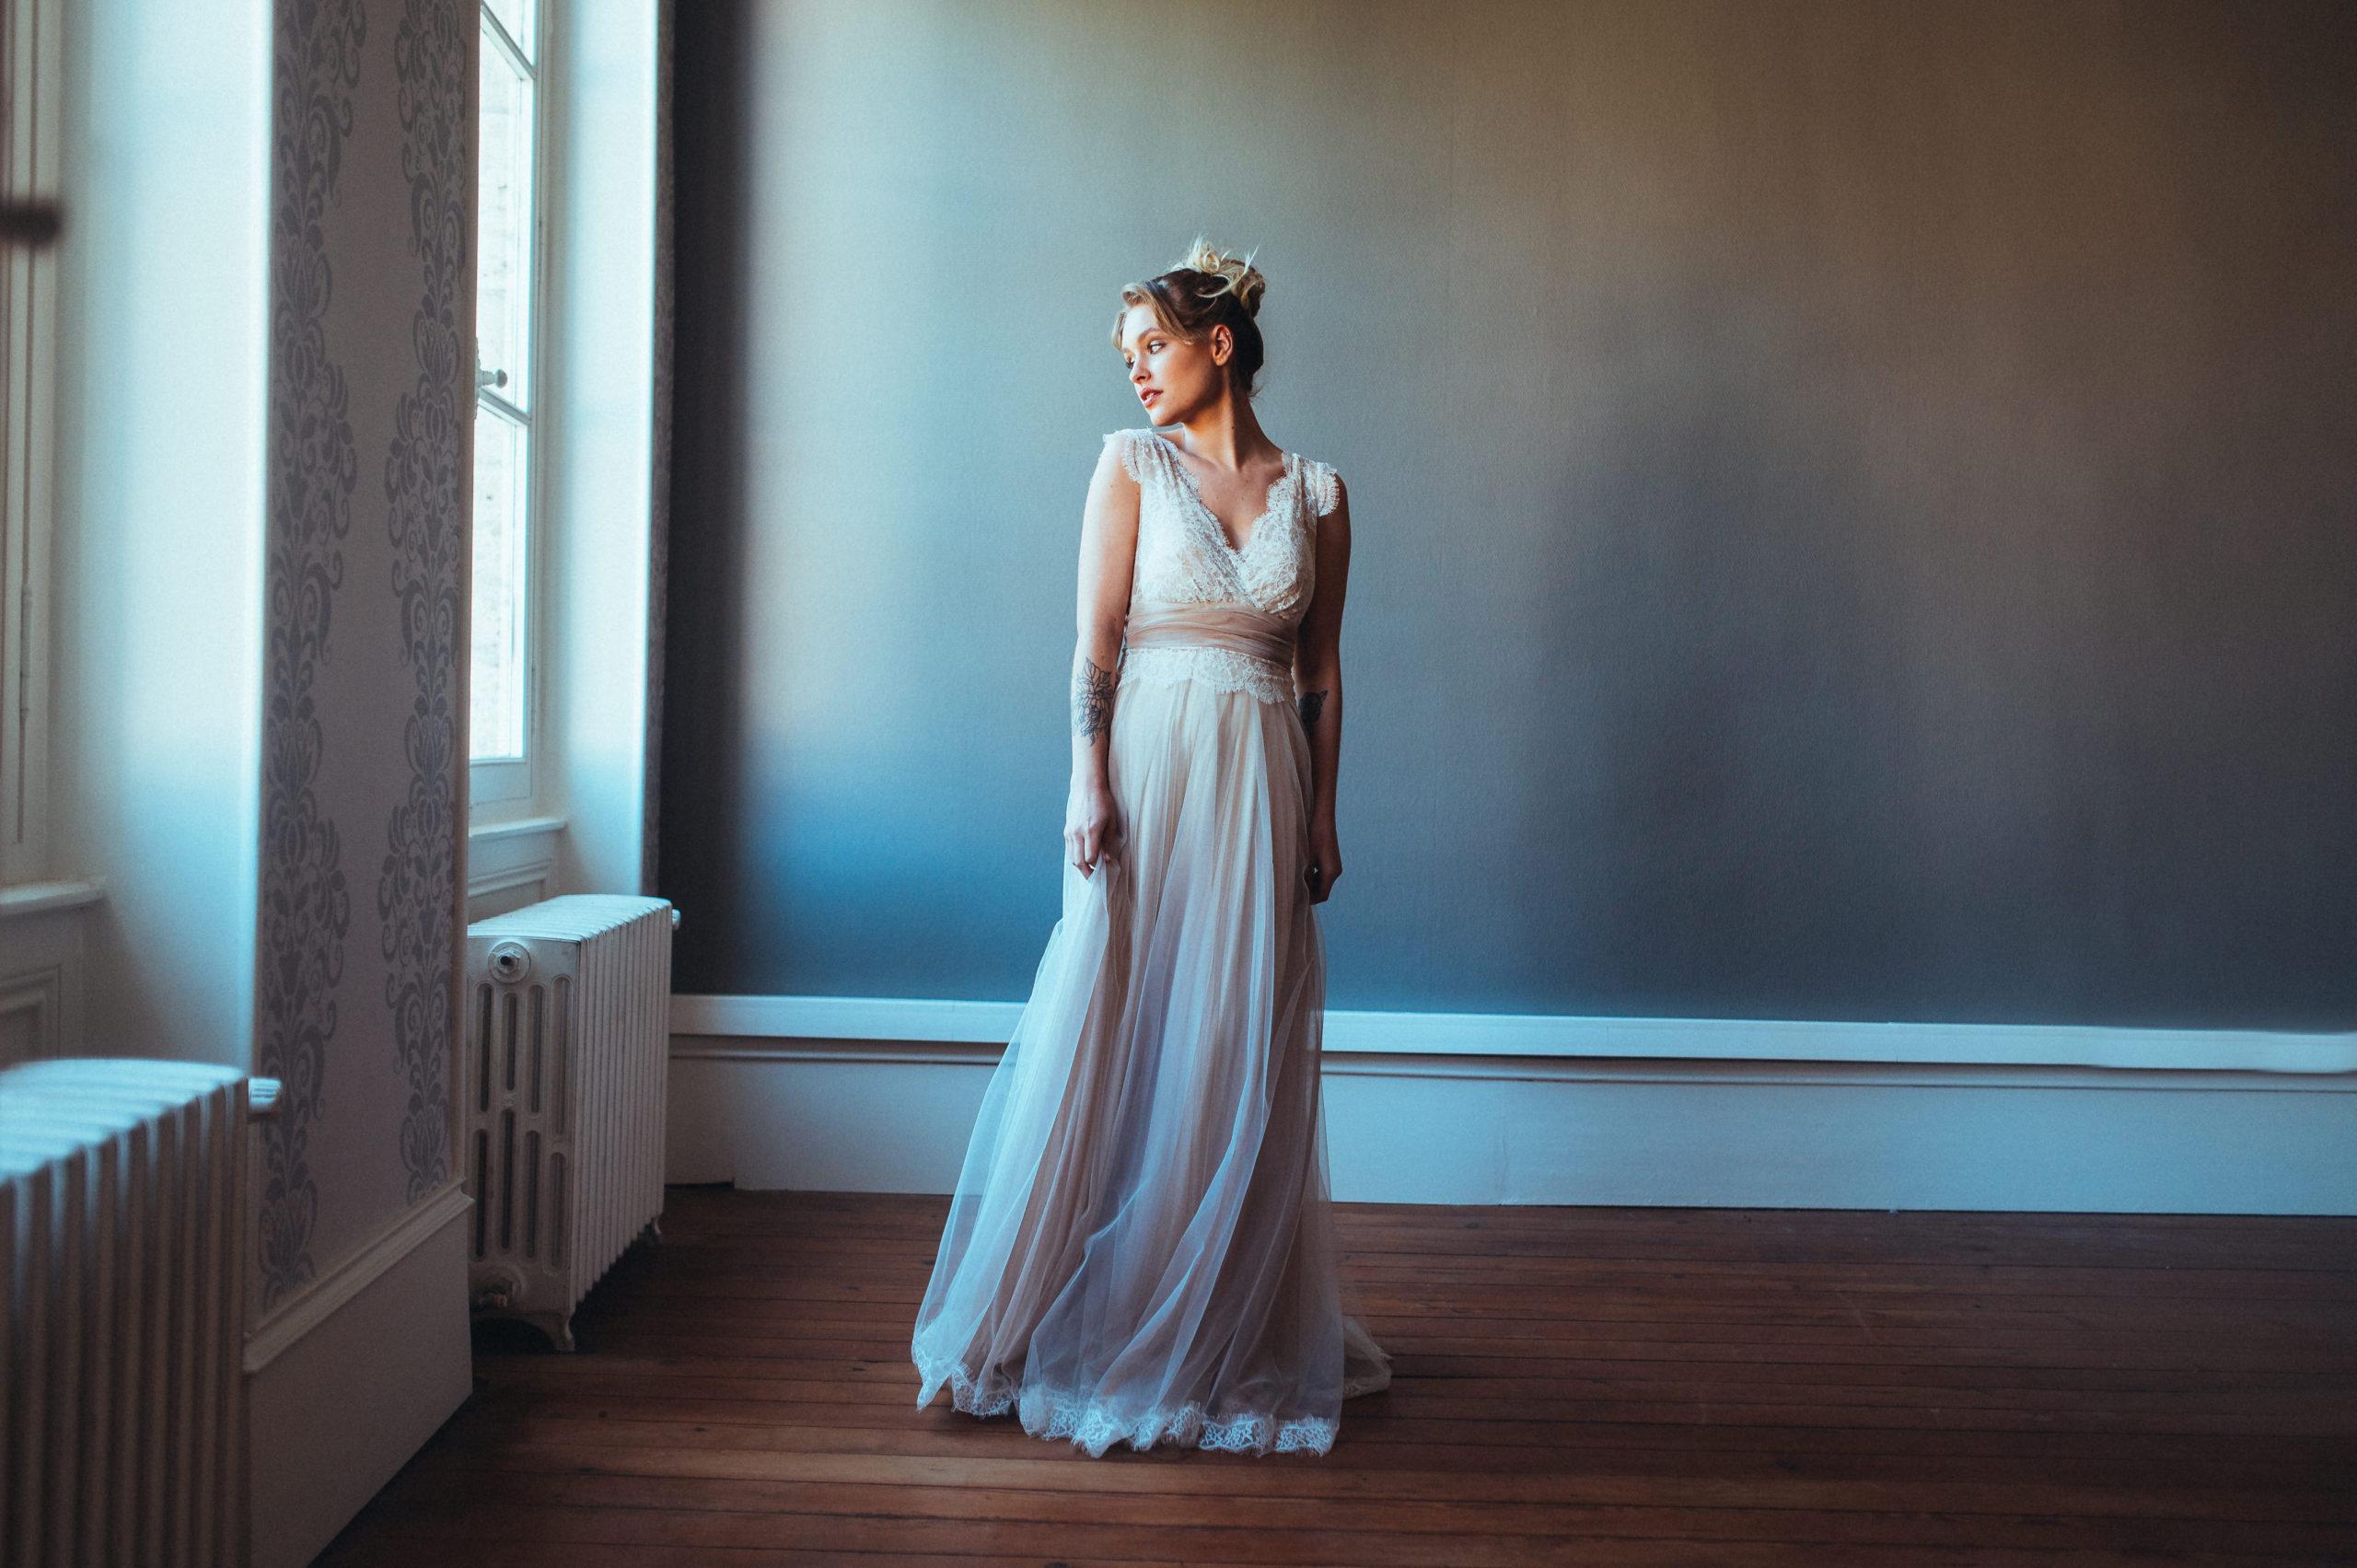 Elsa Gary 2020 - Modèle Nude - Robe de mariée princesse décolleté en dentelle - Boutique Elle a dit Oui by Elsa Gary Caen